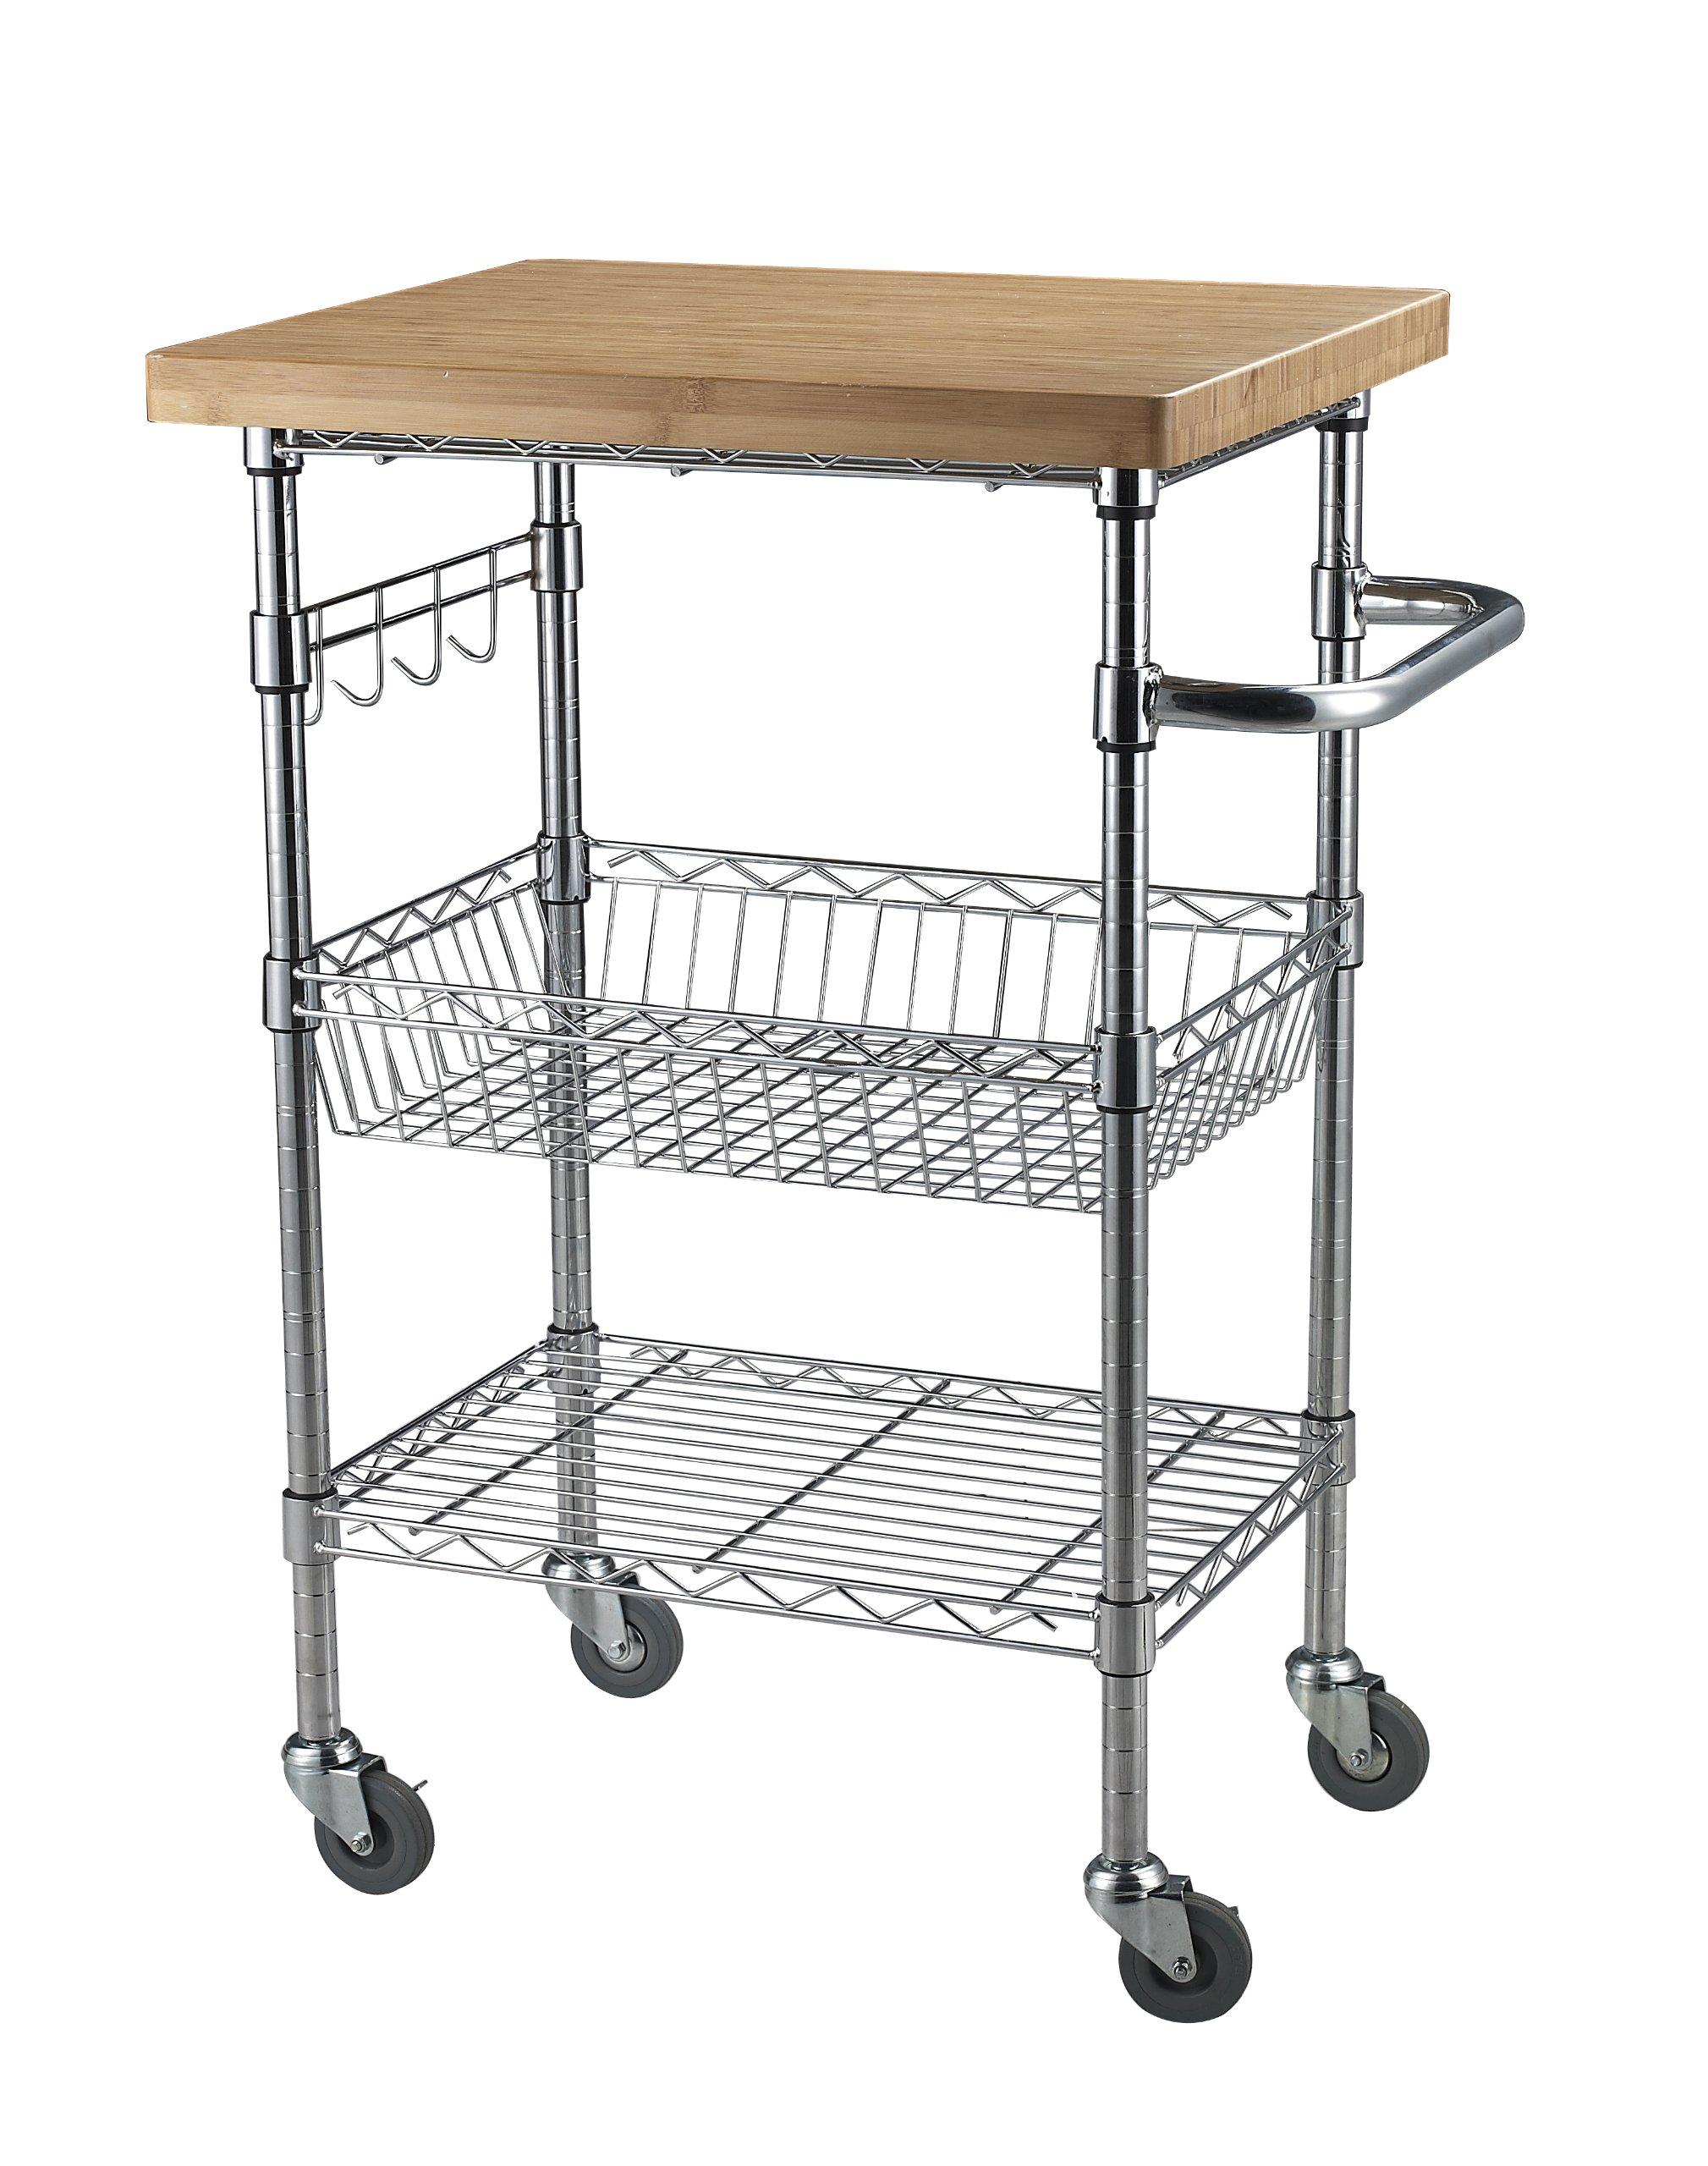 Sandusky Lee MKTBB242036 Bamboo Top Wire Cart, 20'' Length x 24'' Width x 36'' Height